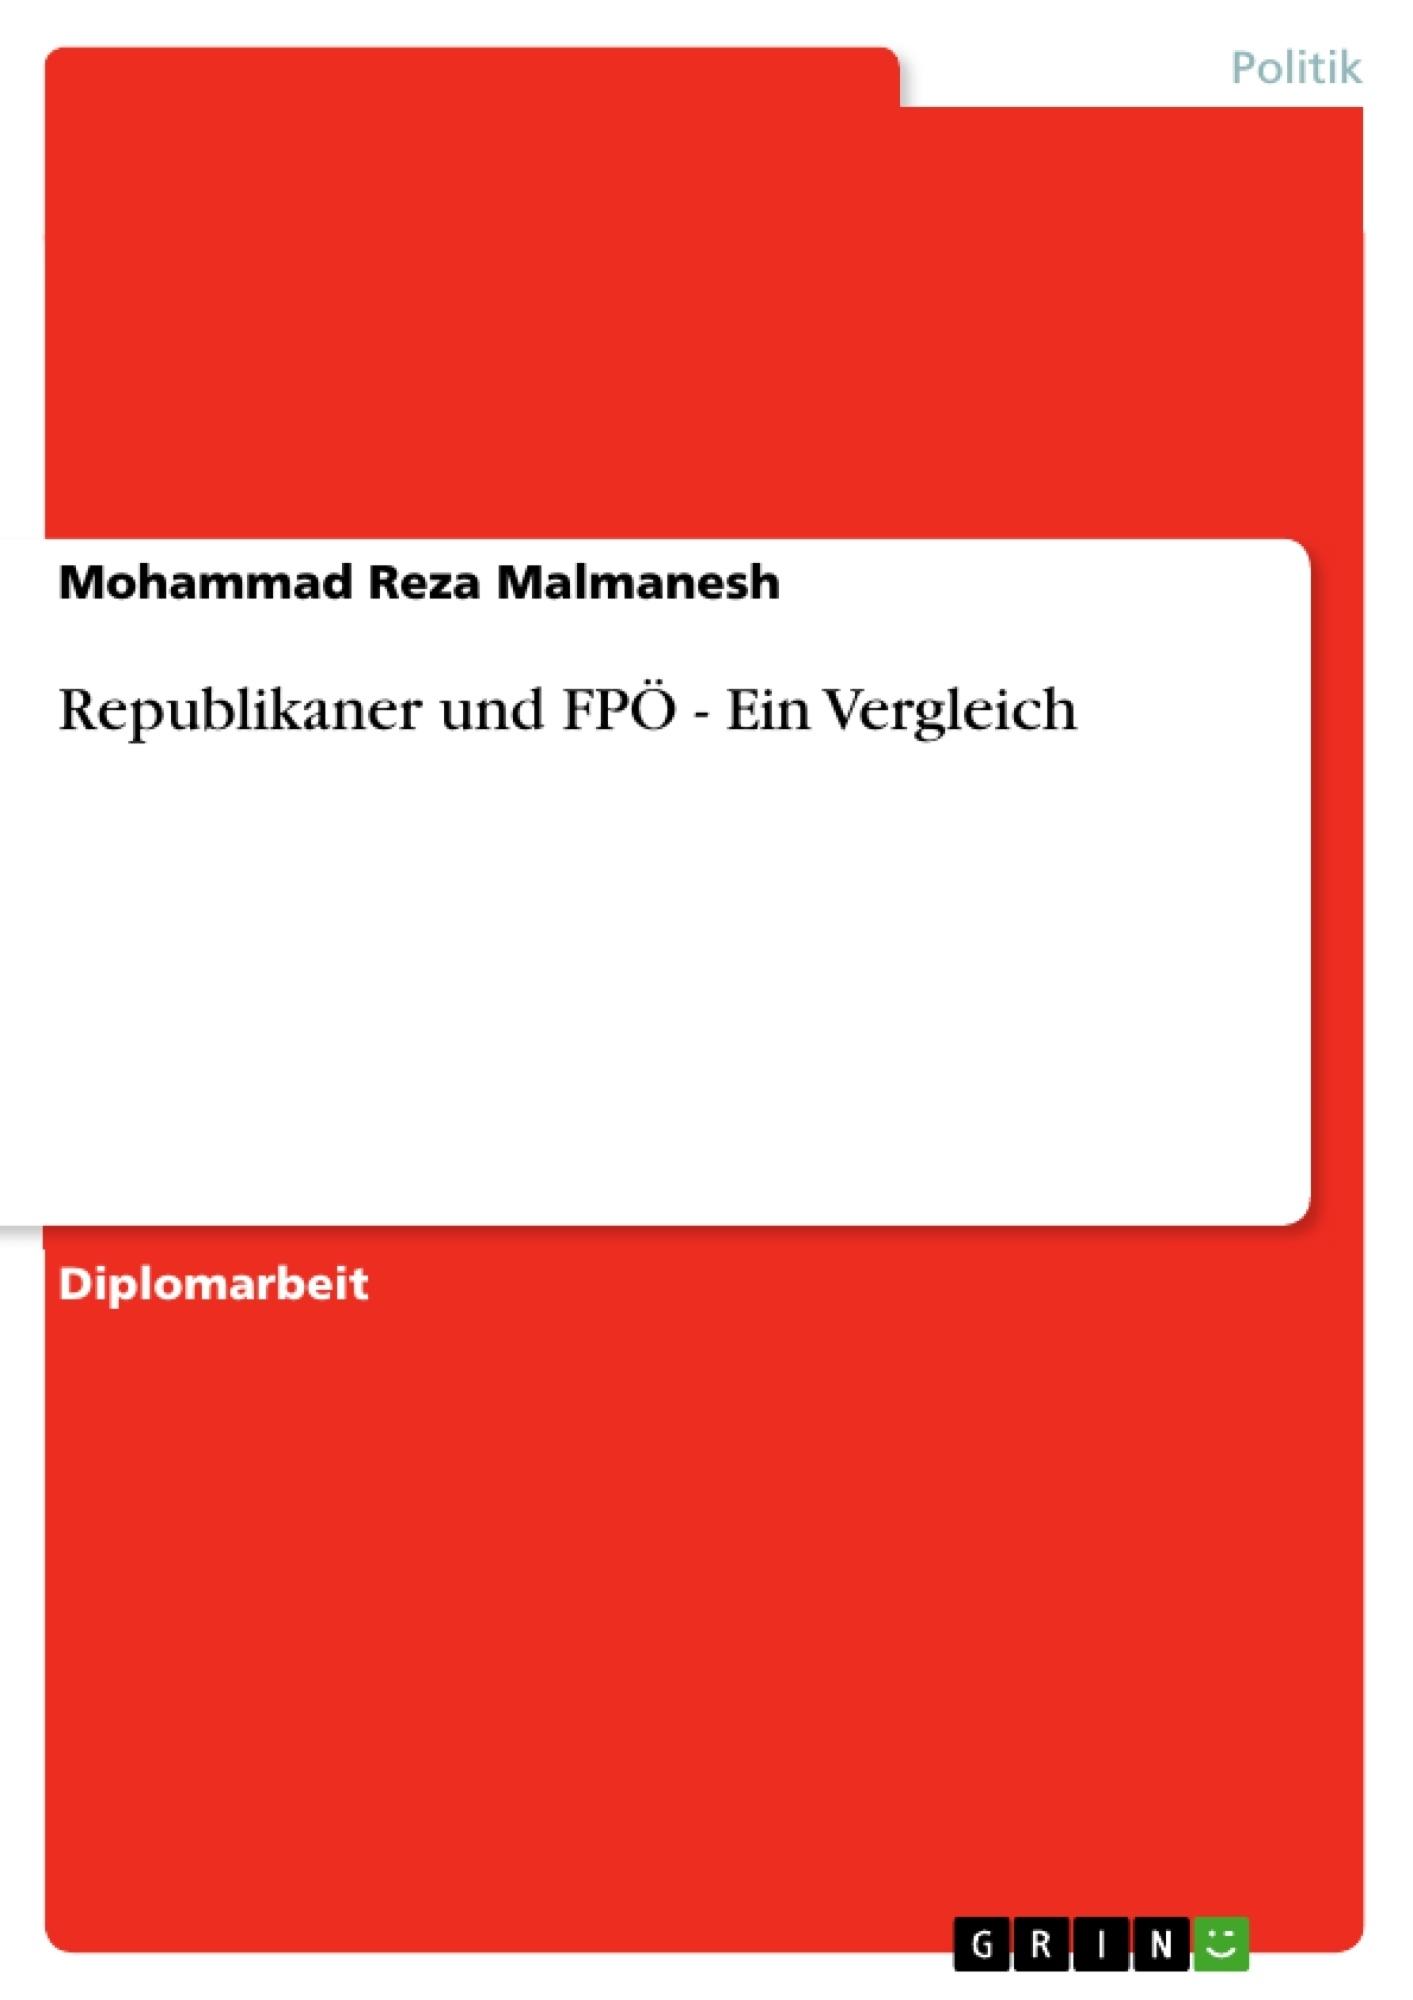 Titel:  Republikaner  und  FPÖ - Ein Vergleich